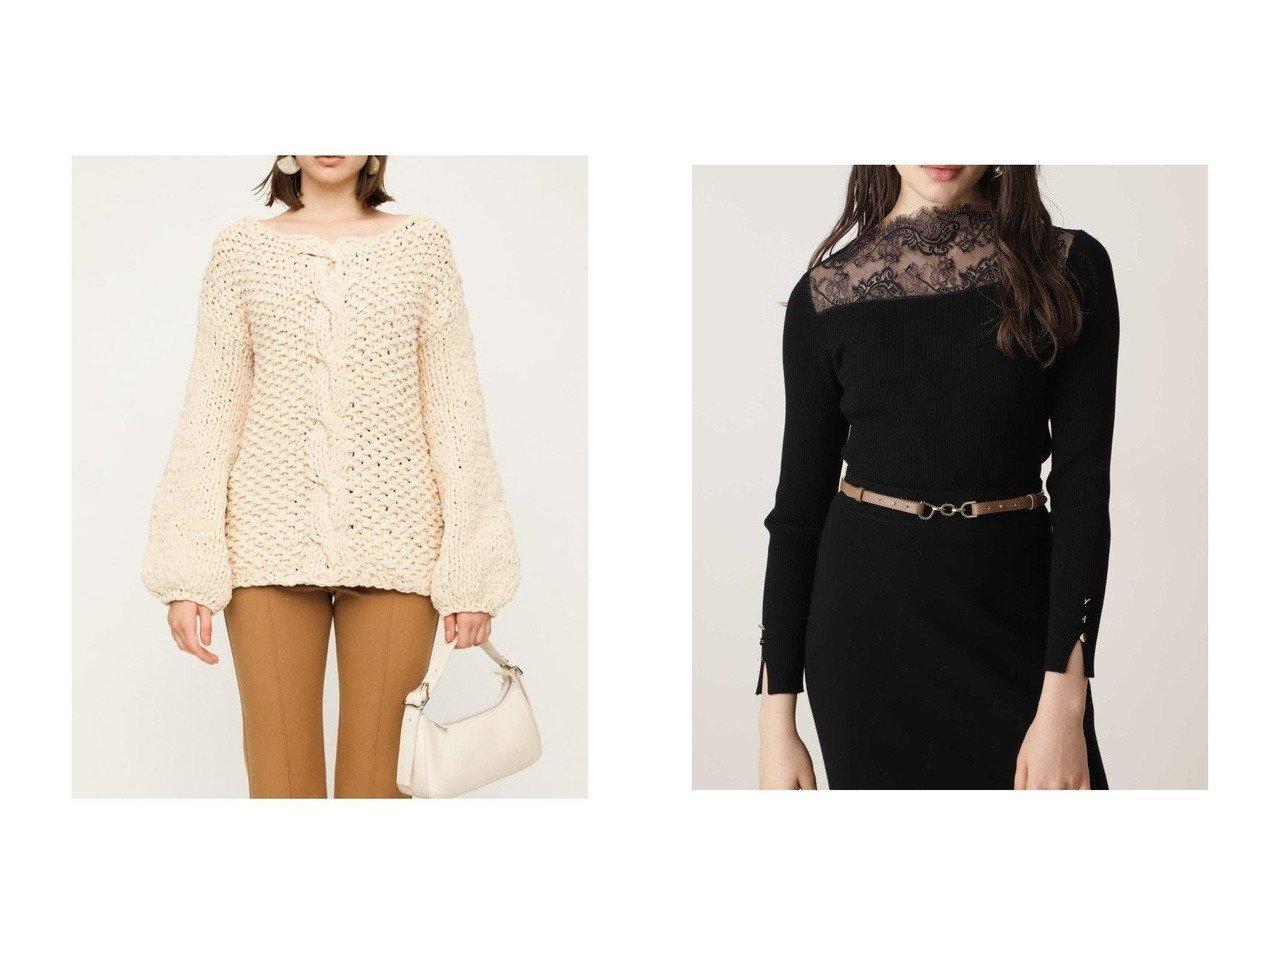 【SLY/スライ】のBIG MOLE YARN CABLE LG トップス&【Pinky&Dianne/ピンキーアンドダイアン】のシアーレースRIBトップス トップス・カットソーのおすすめ!人気、レディースファッションの通販  おすすめで人気のファッション通販商品 インテリア・家具・キッズファッション・メンズファッション・レディースファッション・服の通販 founy(ファニー) https://founy.com/ ファッション Fashion レディース WOMEN トップス Tops Tshirt ニット Knit Tops スリーブ ハンド ビッグ リラックス エレガント シアー ドッキング レース |ID:crp329100000002086